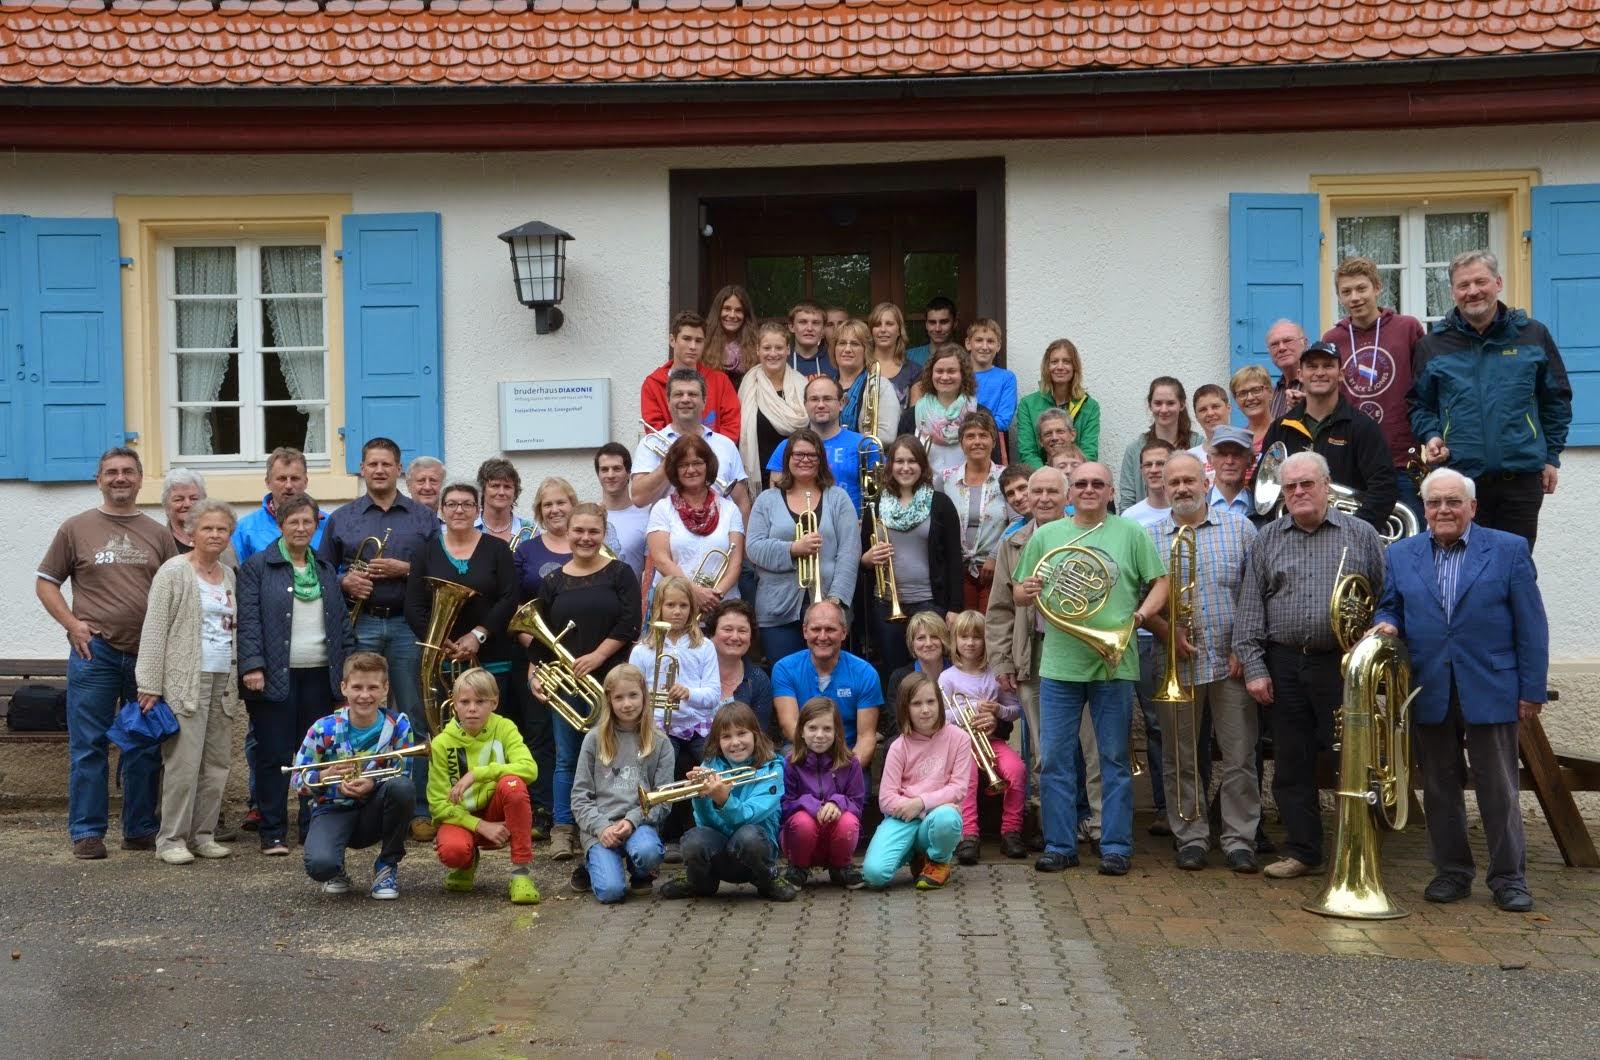 Der Posaunenchor mit Familien im Jubiläumsjahr